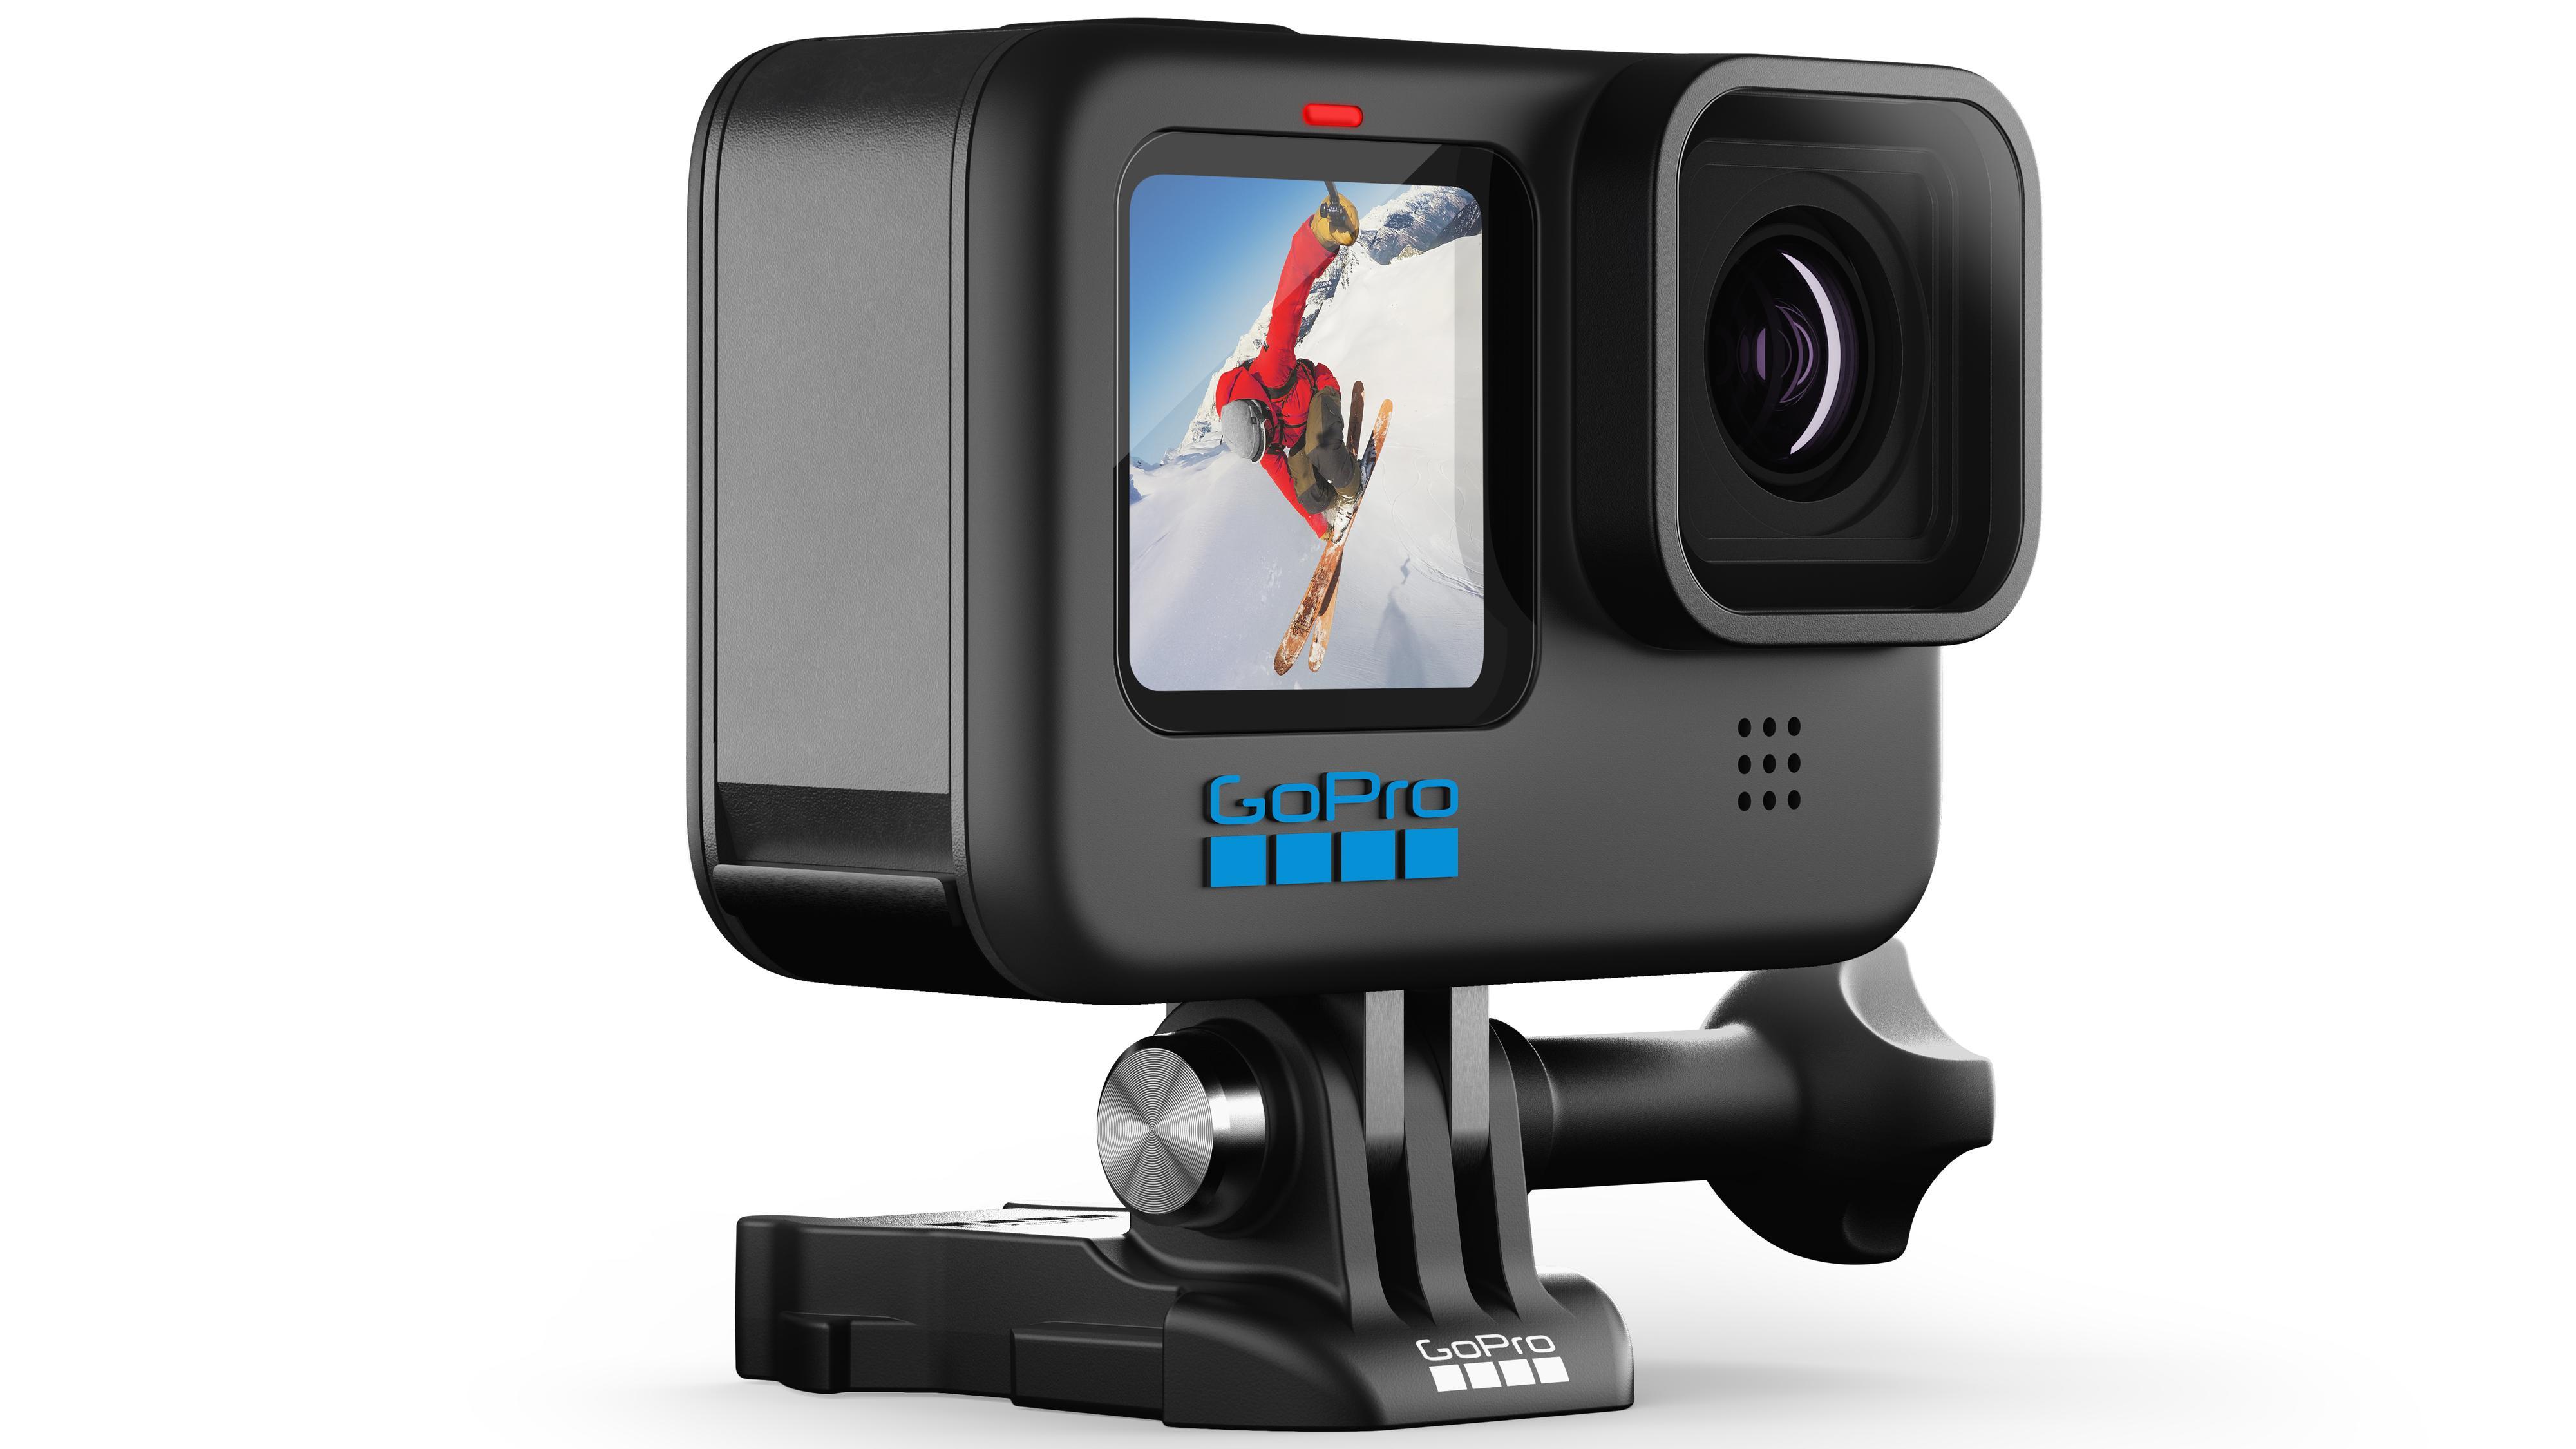 Lanserte nytt GoPro med høyere oppløsning og bildeflyt